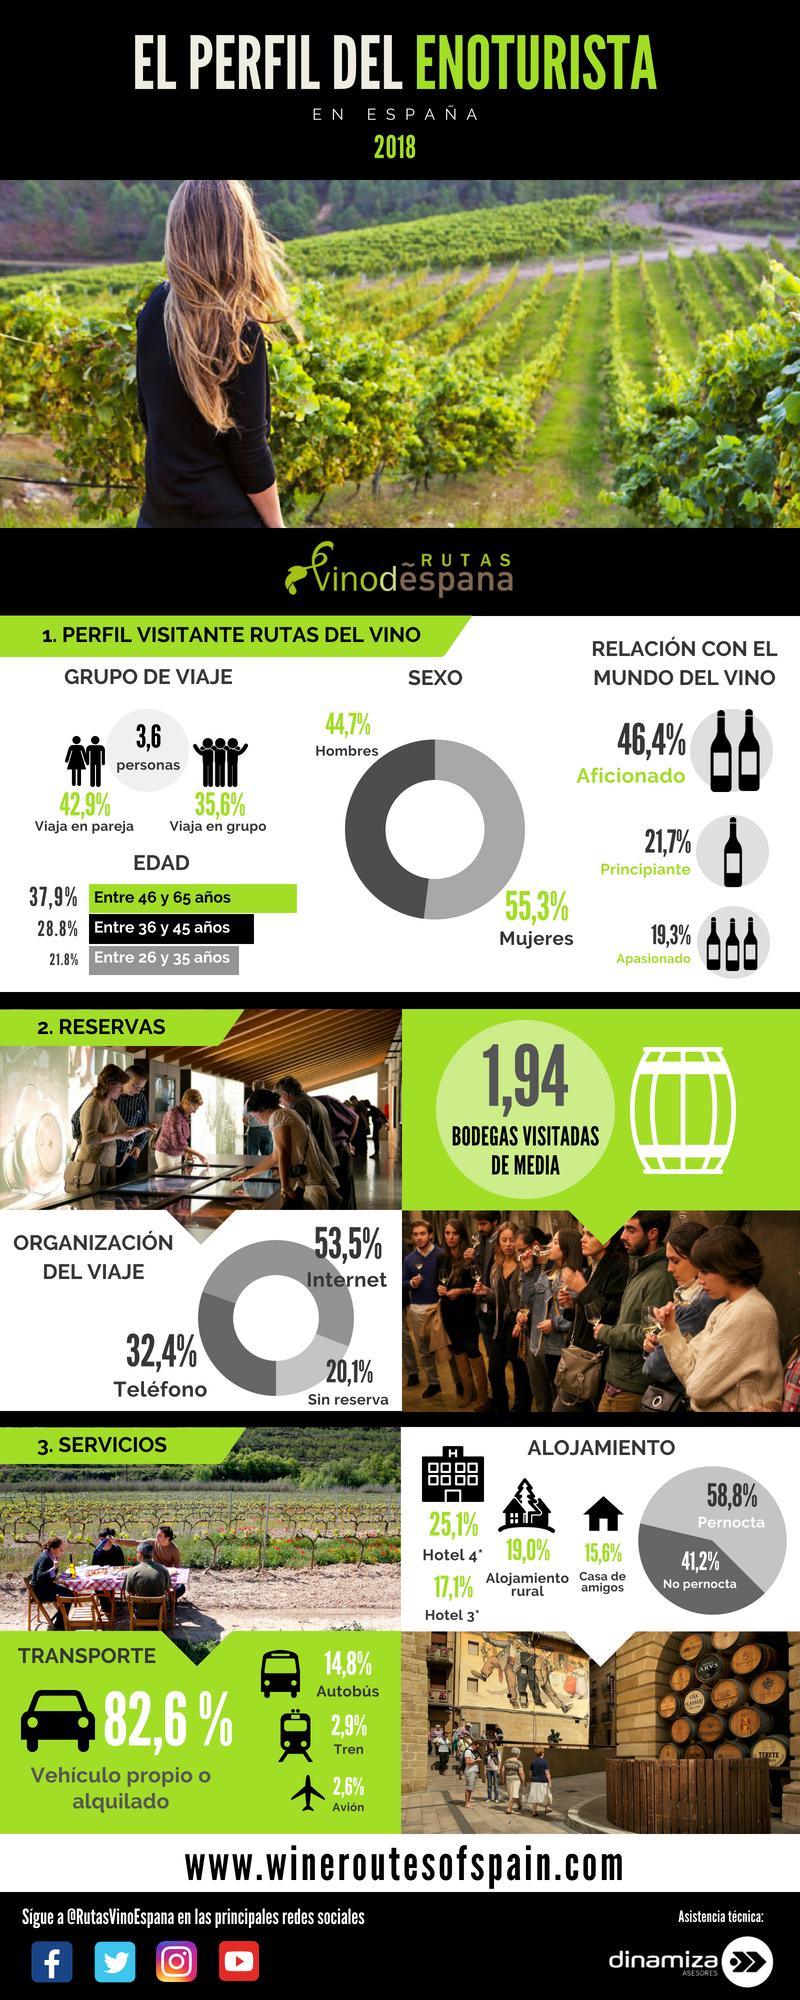 Perfil enoturista Rutas del Vino de España